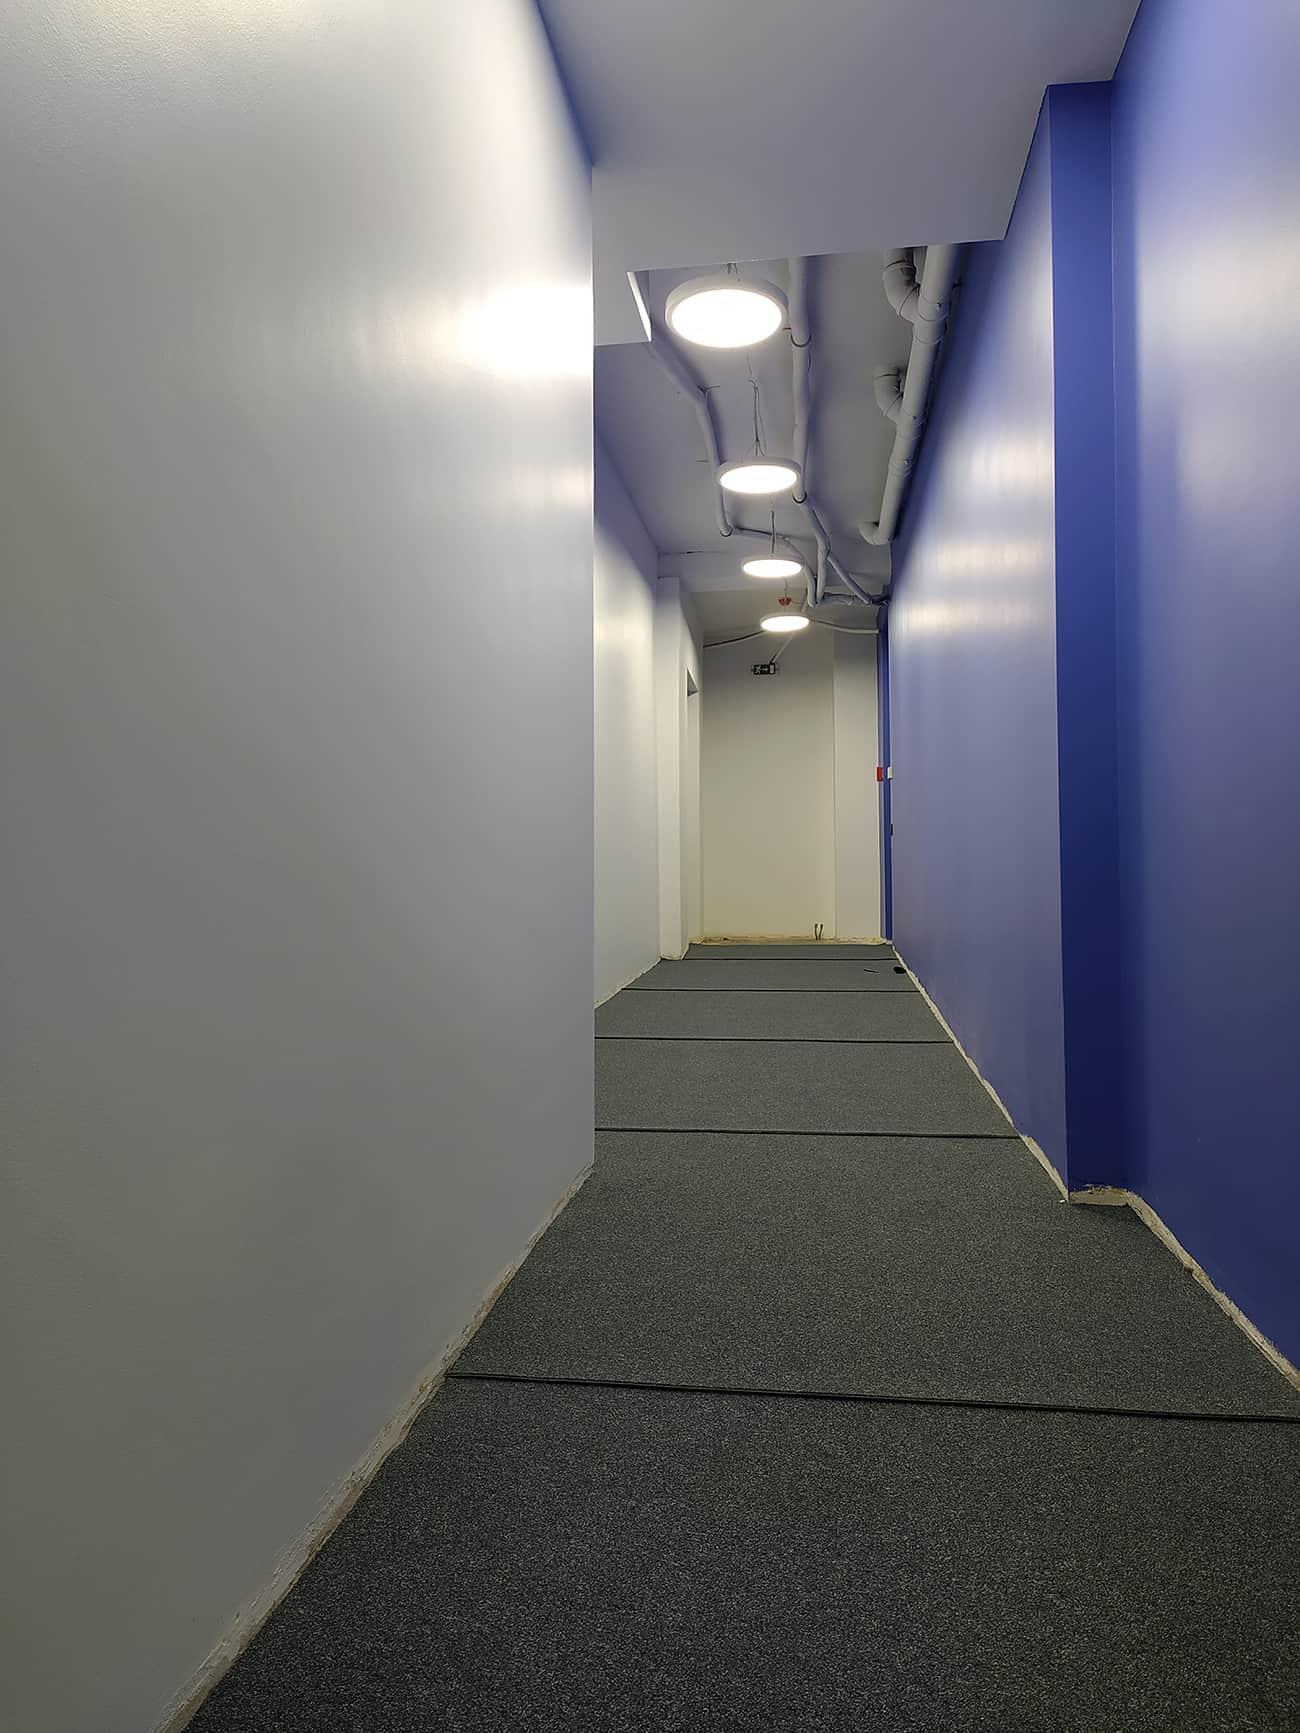 Kiliminės dangos klojimas koridoriuje